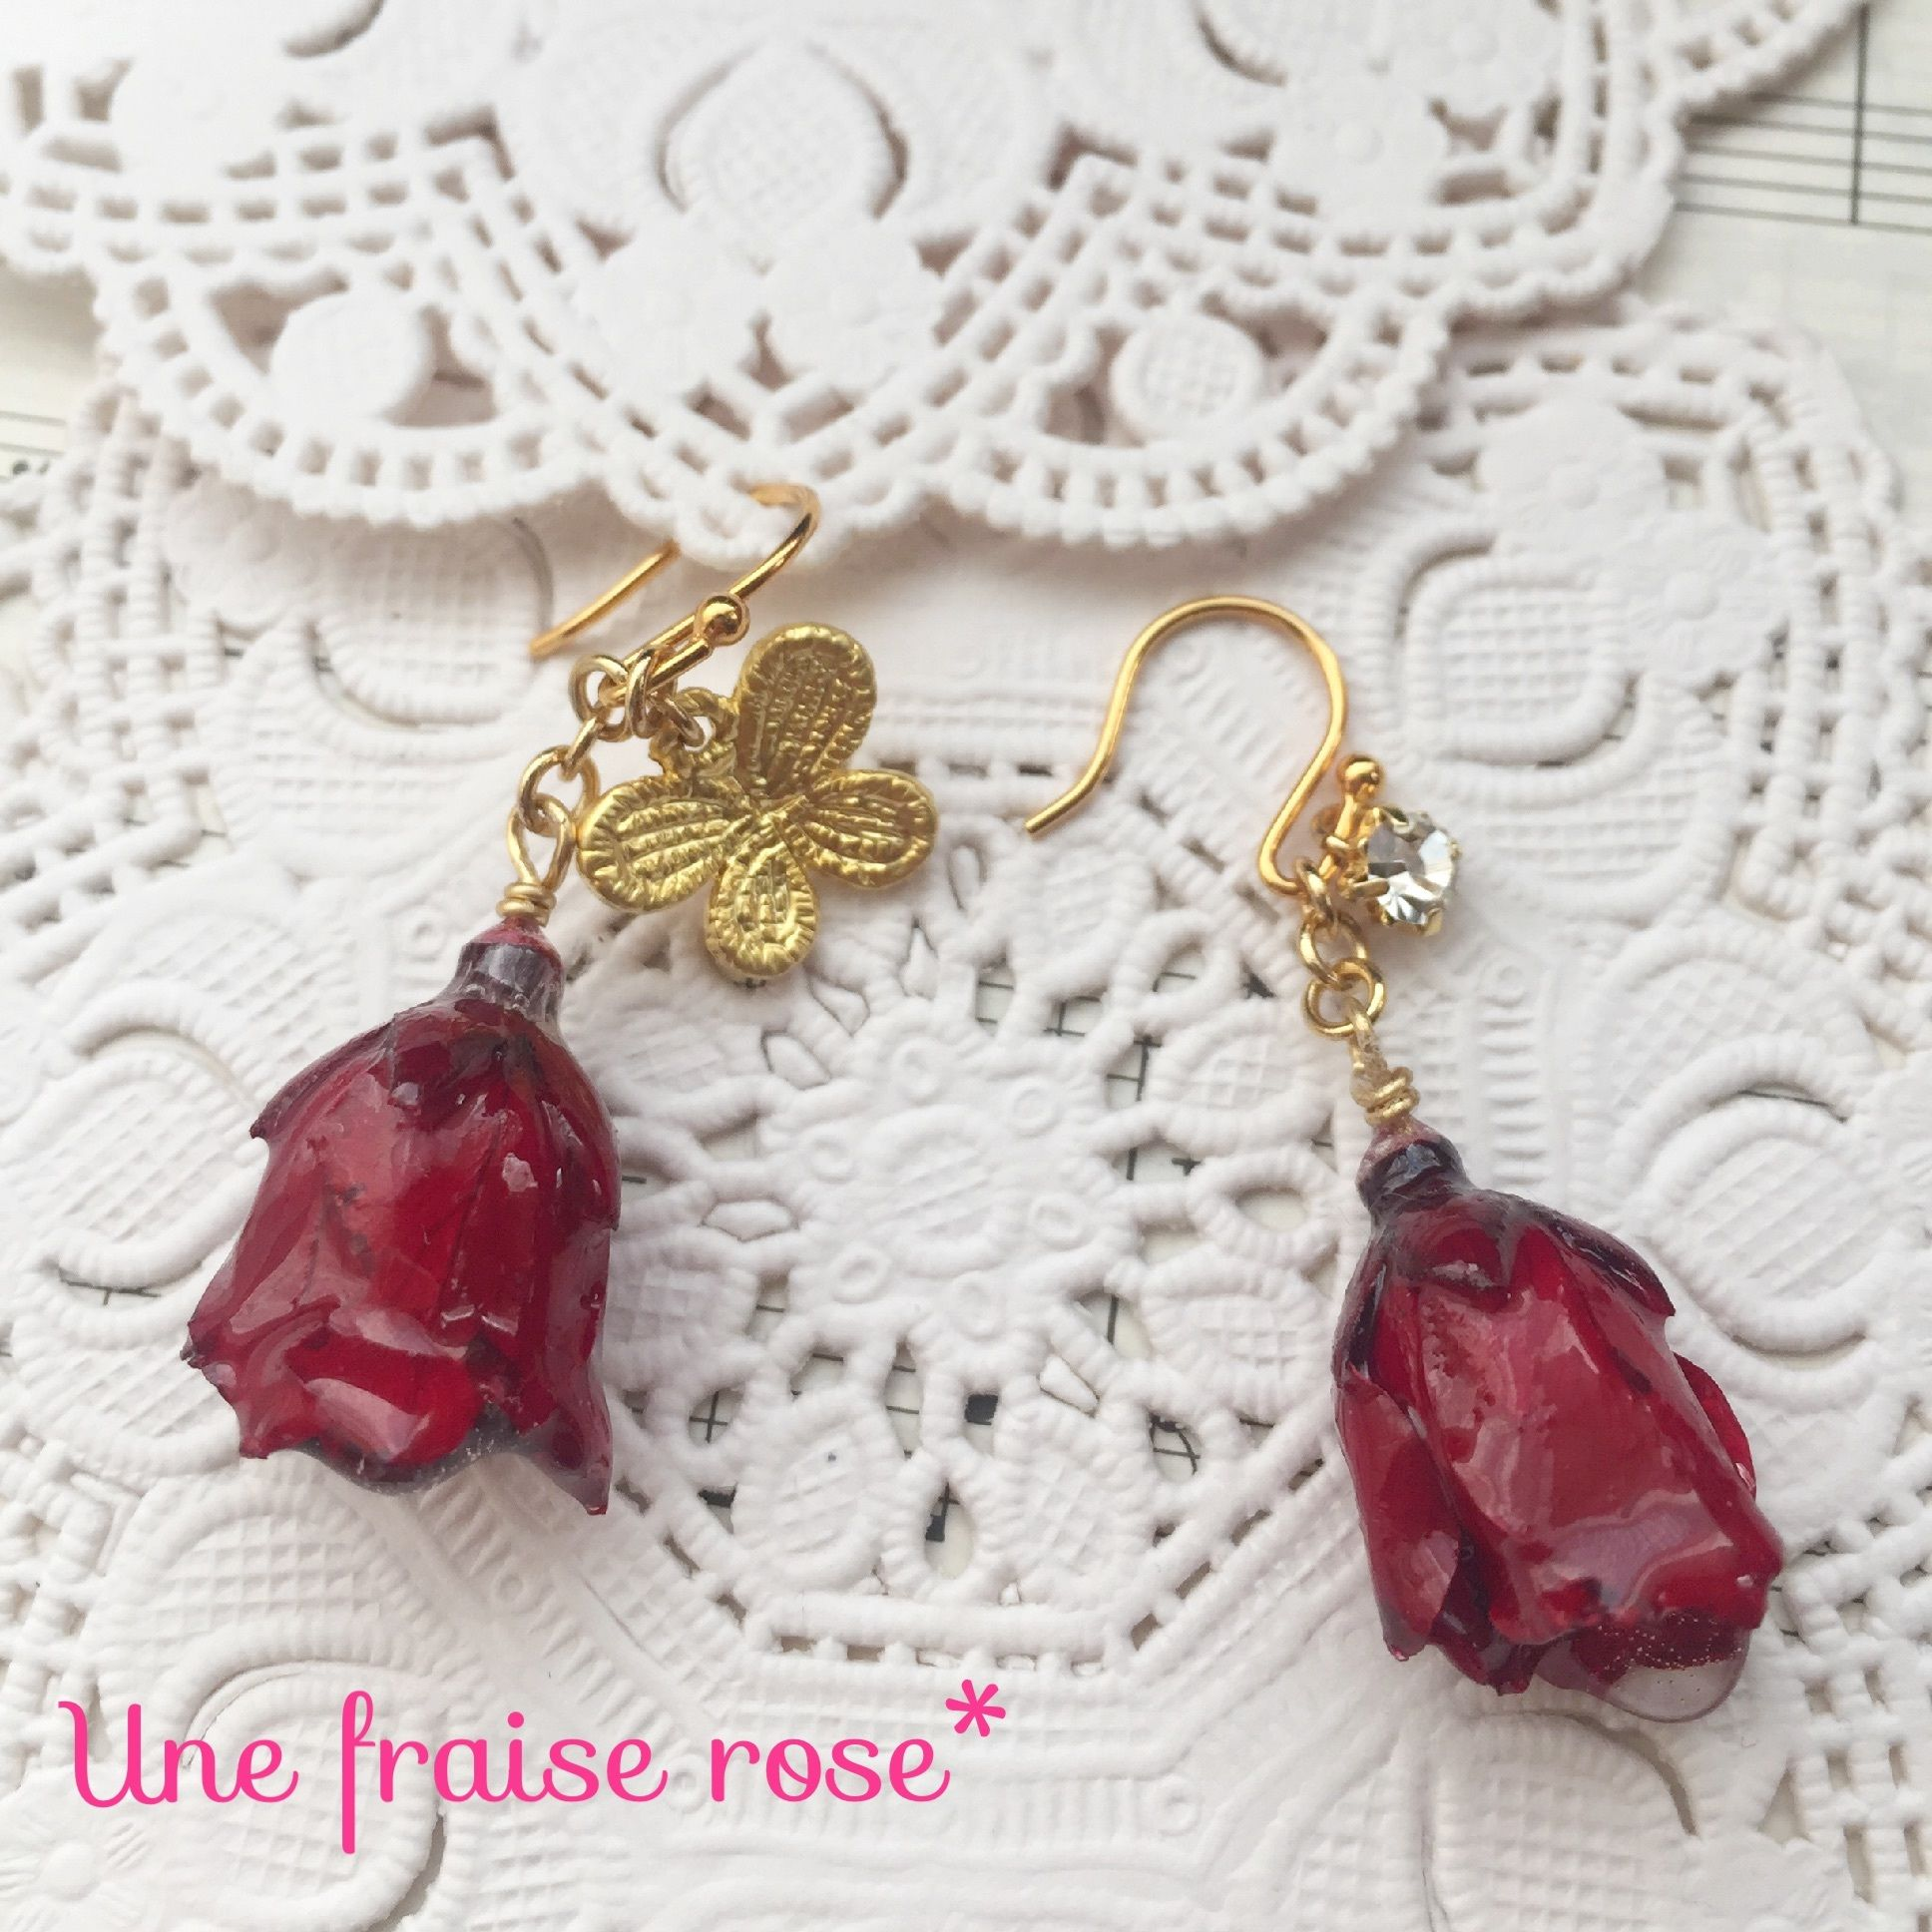 薔薇と蝶々のピアス